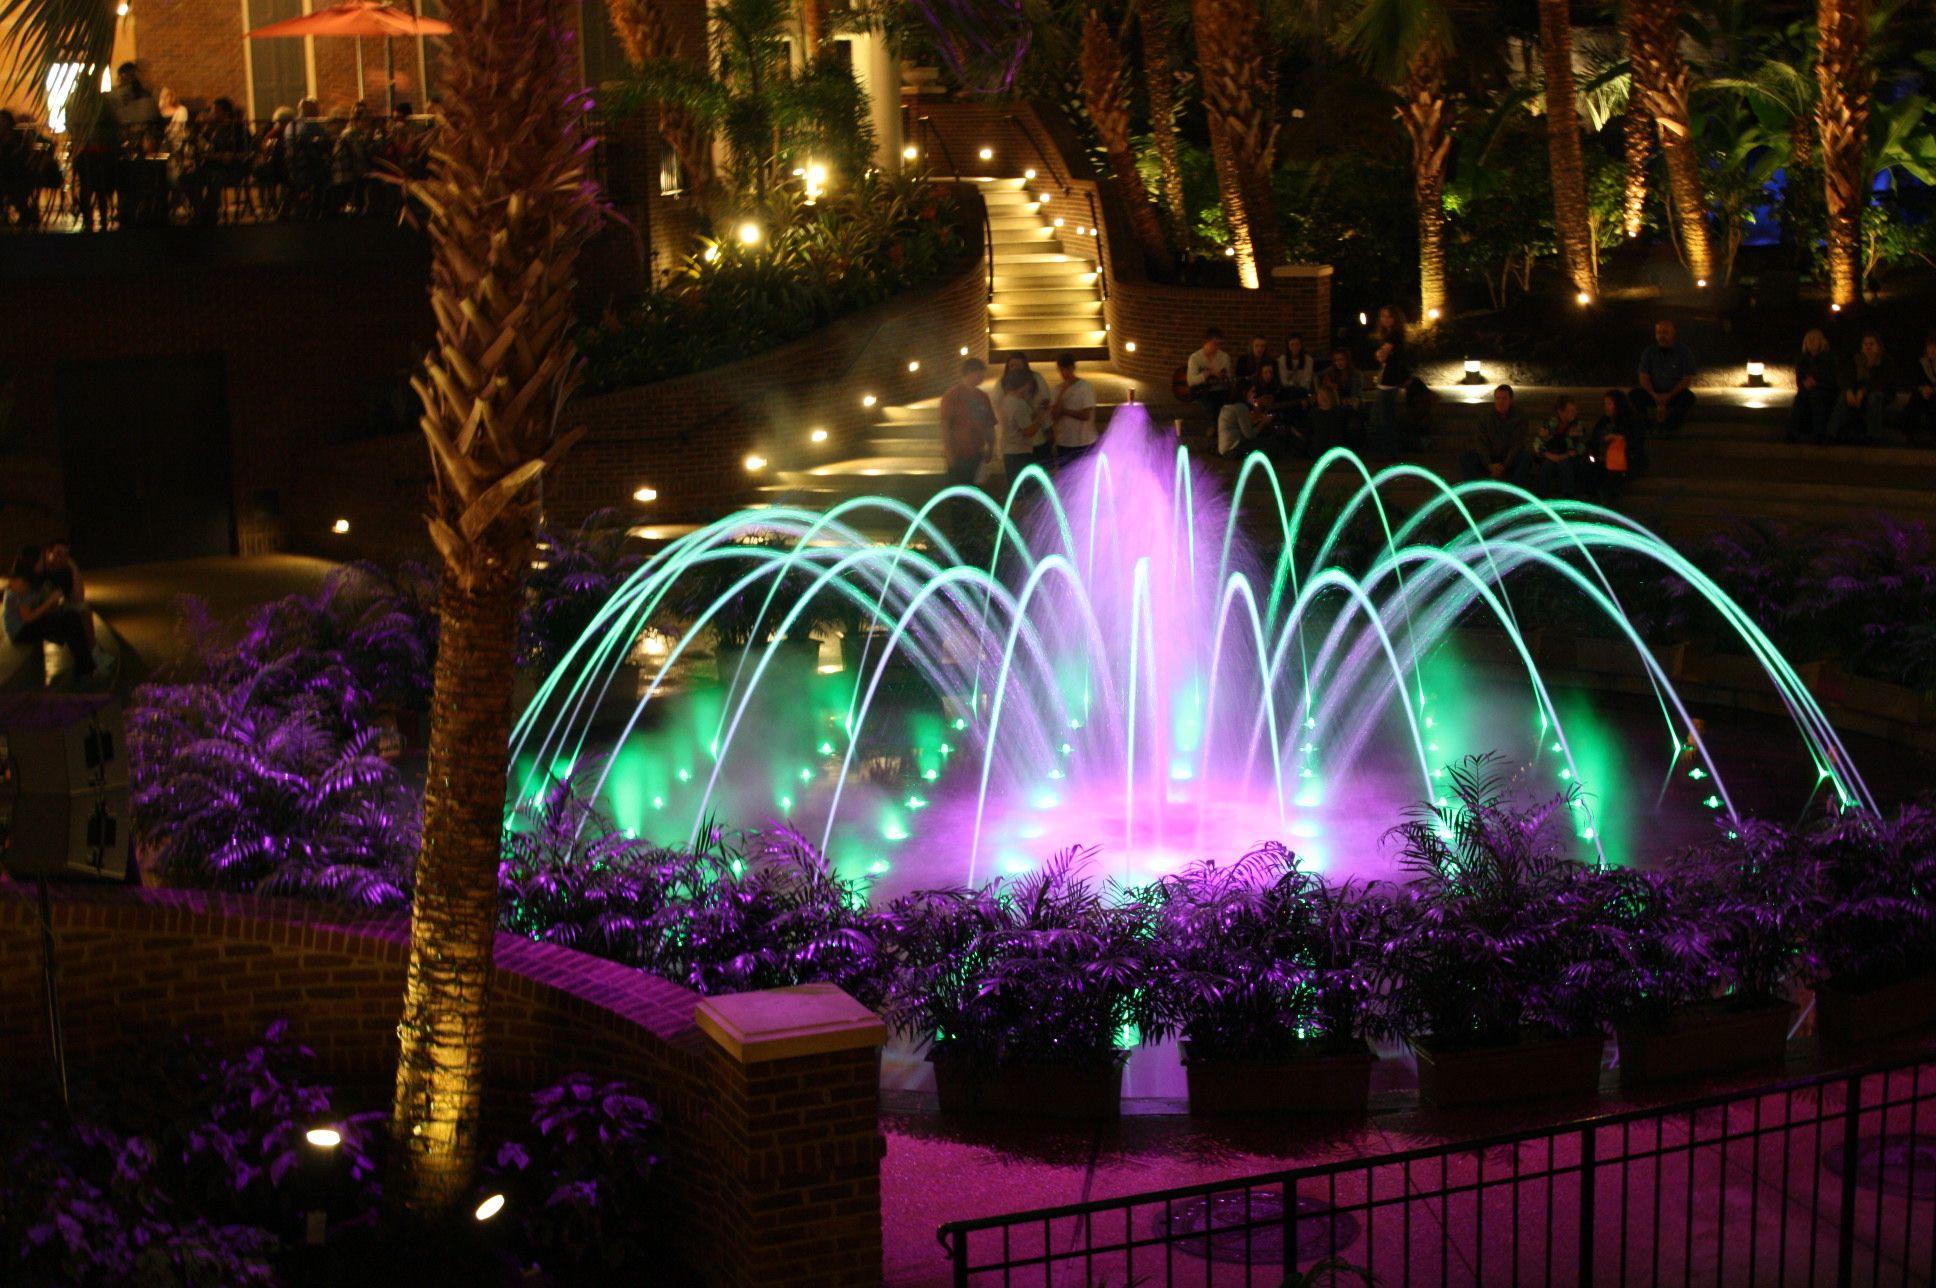 Light Show At Opryland Hotel Nashville Tn Opryland Hotel Opryland Hotel Nashville Vacation Spots